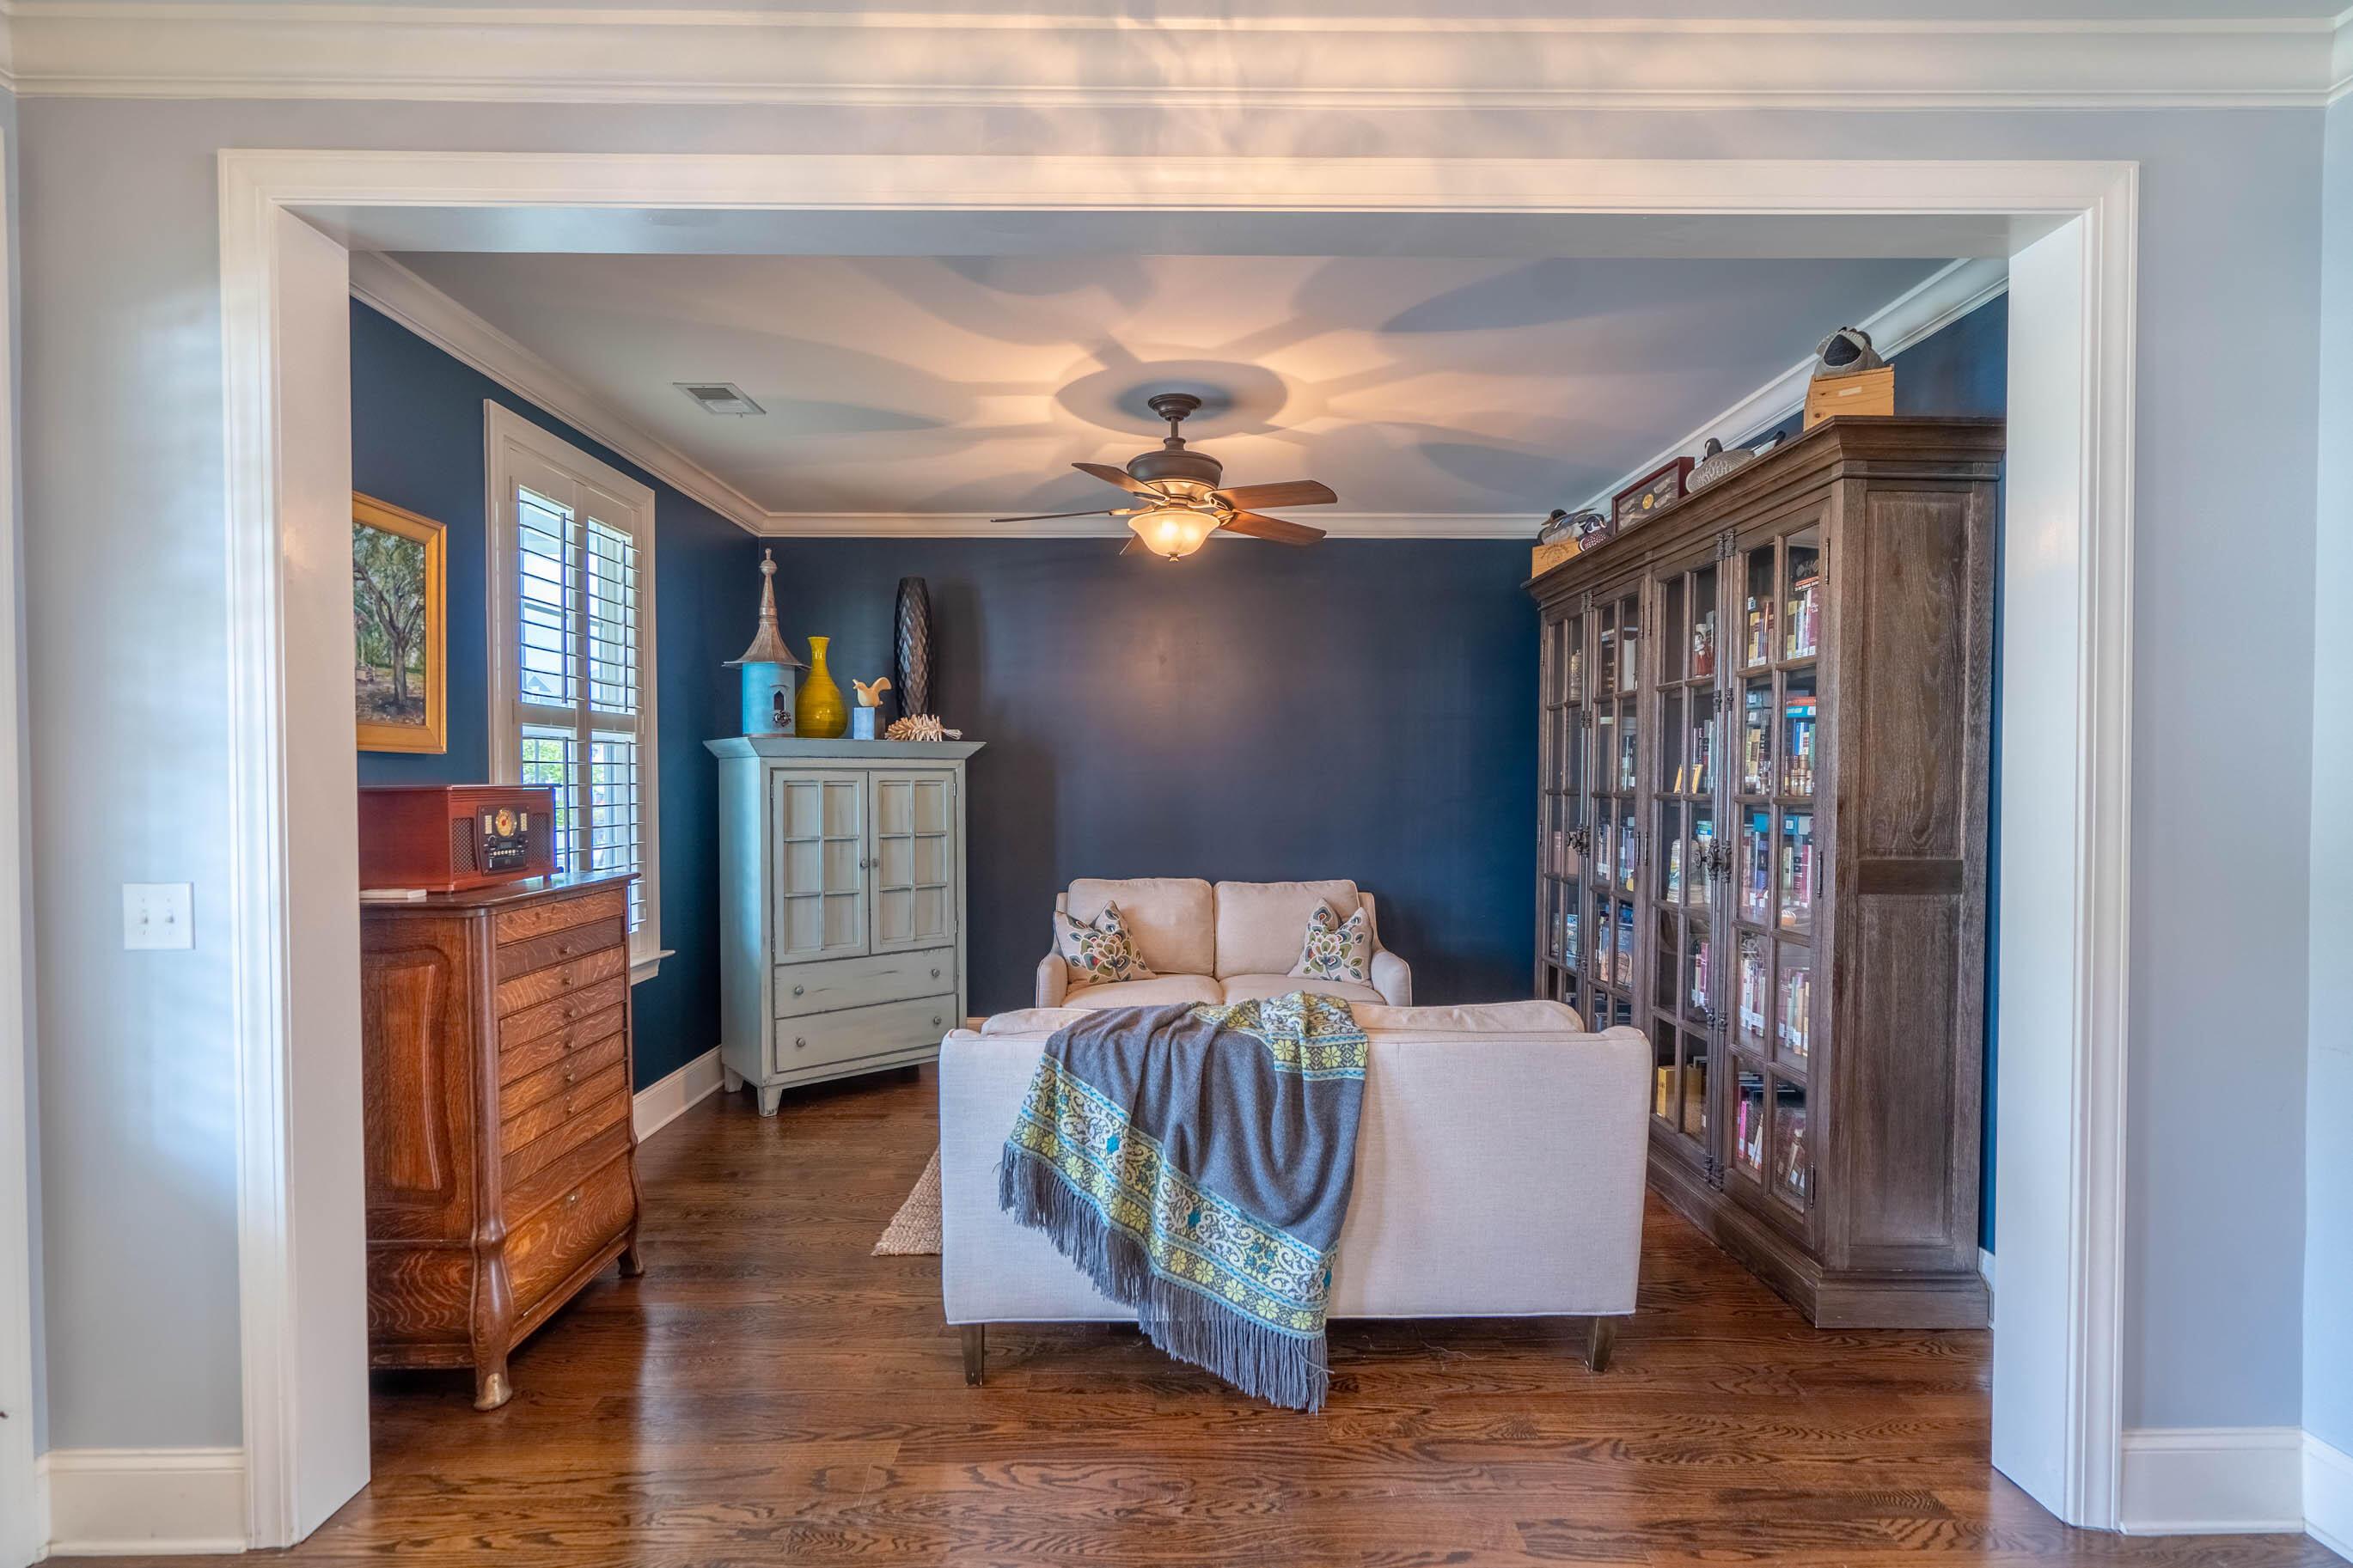 Dunes West Homes For Sale - 2997 Sturbridge, Mount Pleasant, SC - 11